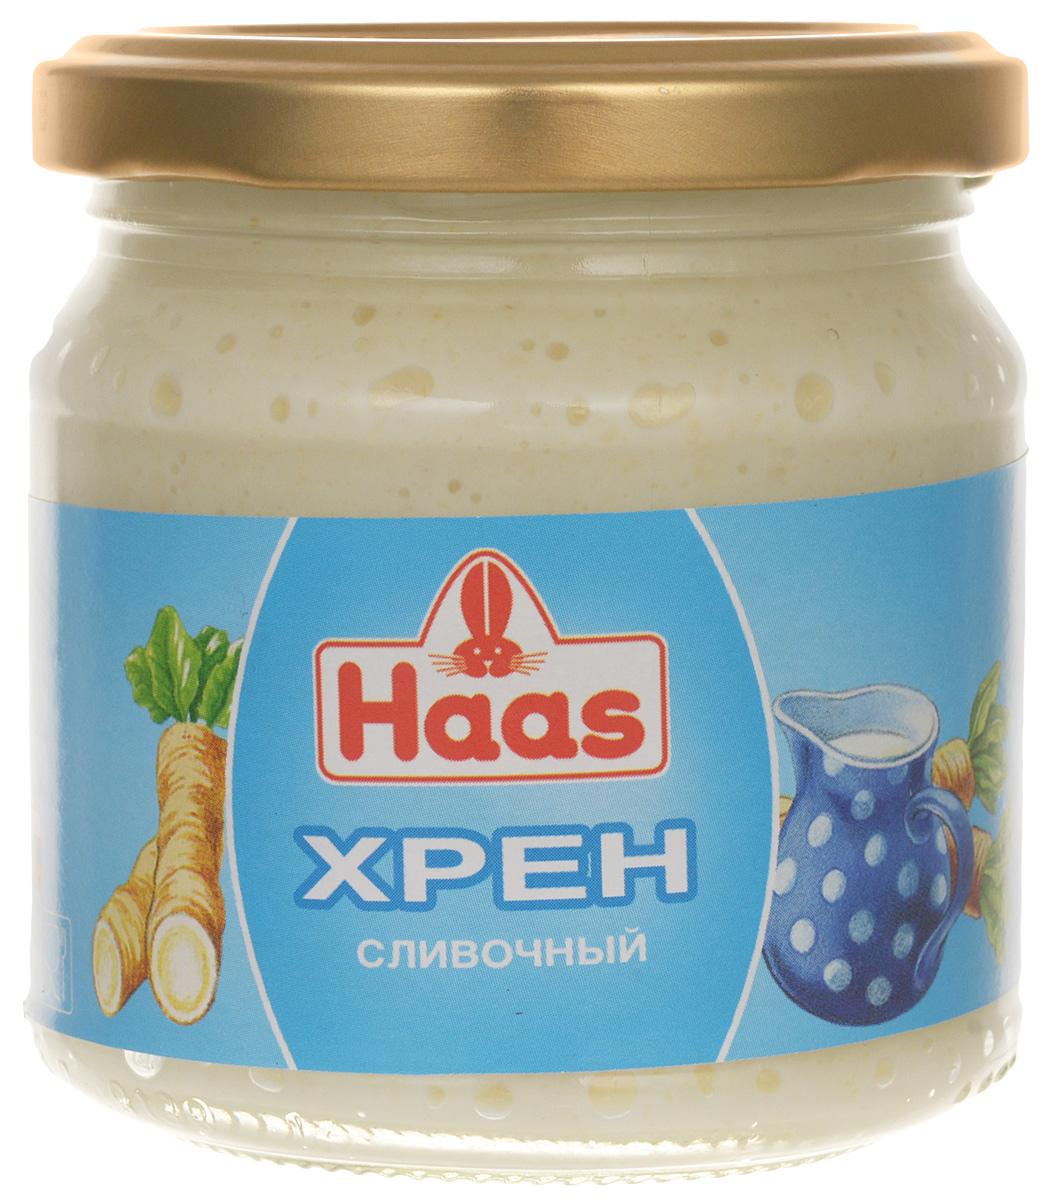 Haas хрен сливочный, 190 г52136Нежный натуральный хрен Haas с добавлением сливок (25%) - для истинных гурманов. Обладает тонким, изысканным вкусом, прекрасно подходит к рыбе, мясным стейкам и блюдам из дичи.